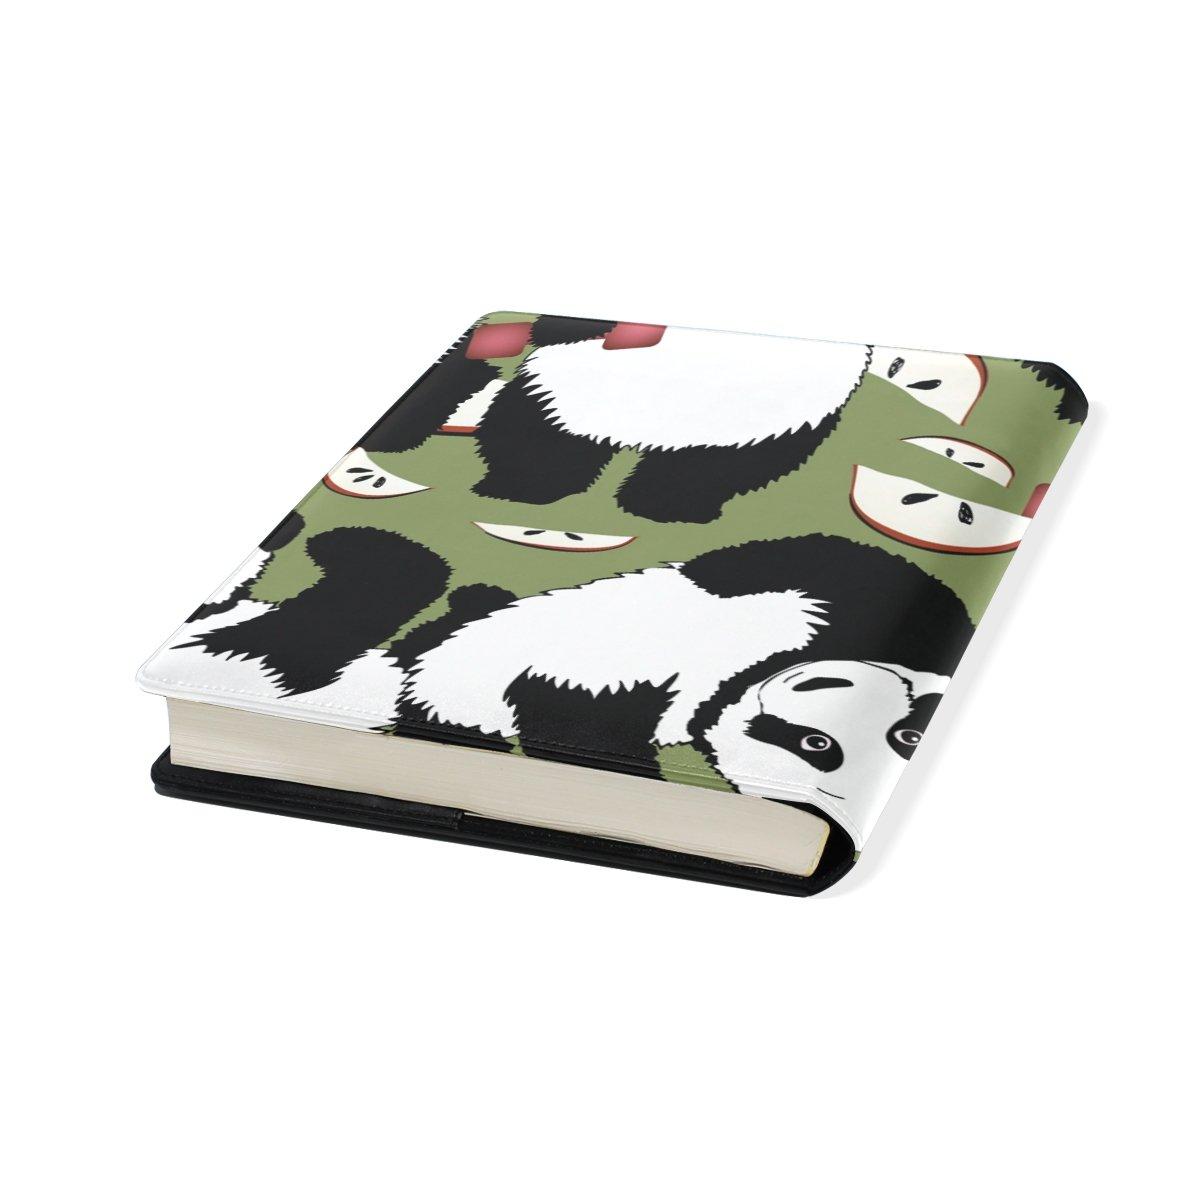 TIZORAX Panda mancuernas de estilo de vida saludable estirables fundas de libro se adapta a la mayoría de libros de texto de tapa dura hasta 9 x 11.